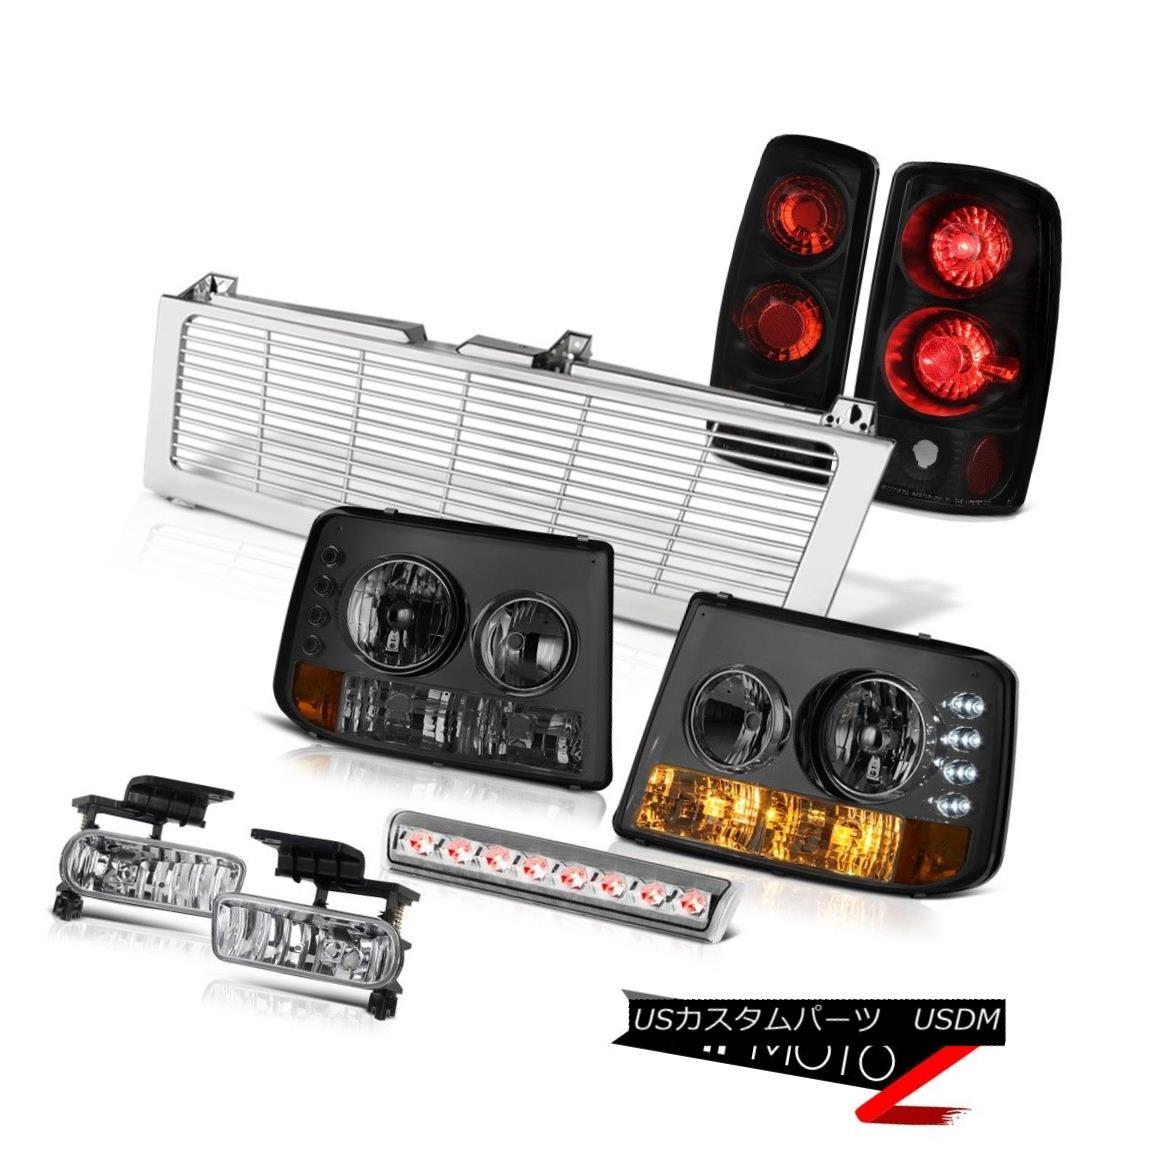 テールライト Smoke Headlights Black Taillights Fog Stop LED Clear Chrome 00-06 Suburban 8.1L スモークヘッドライトブラックテールライトフォグストップLEDクリアクローム00-06郊外8.1L